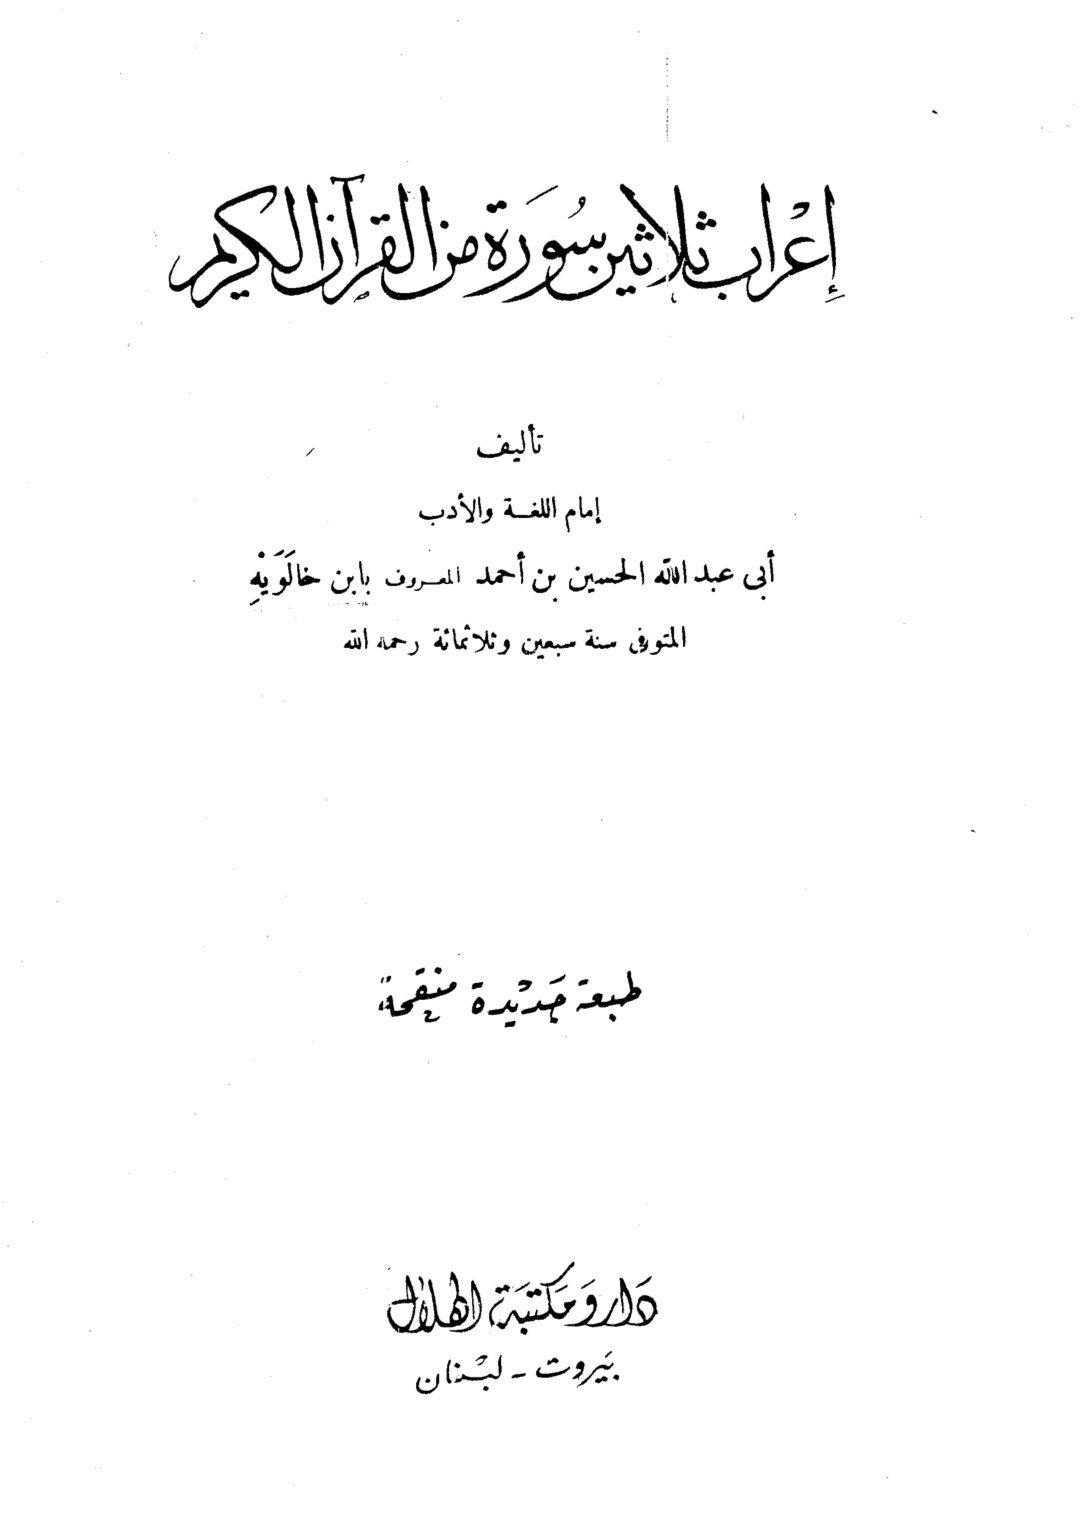 اعراب ثلاثين سورة من القرآن الكريم